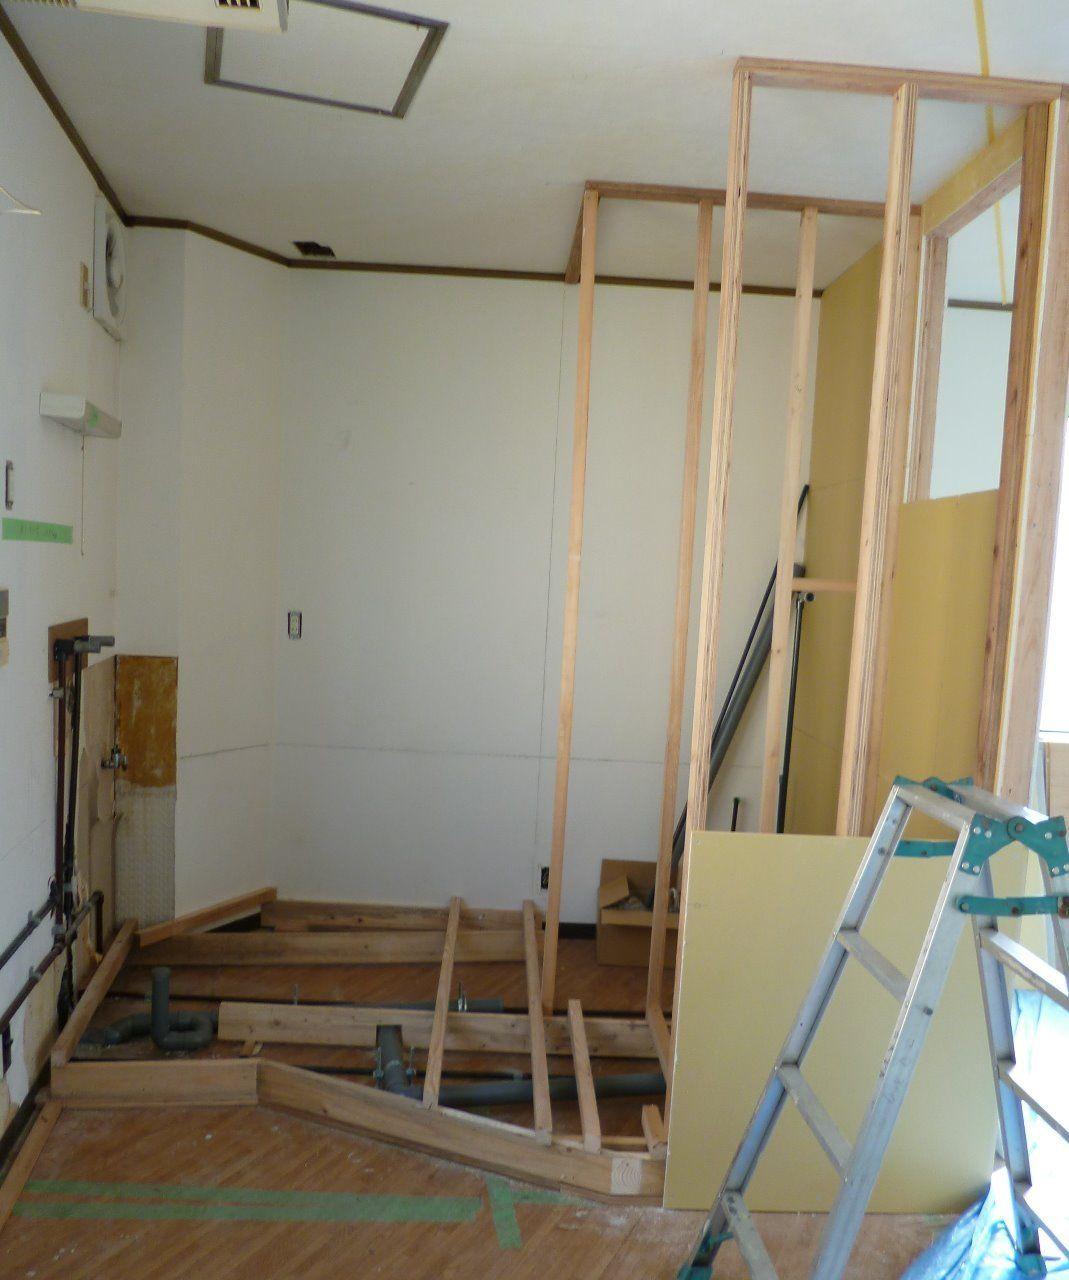 左側に流し、右側にシャワー室を設置予定